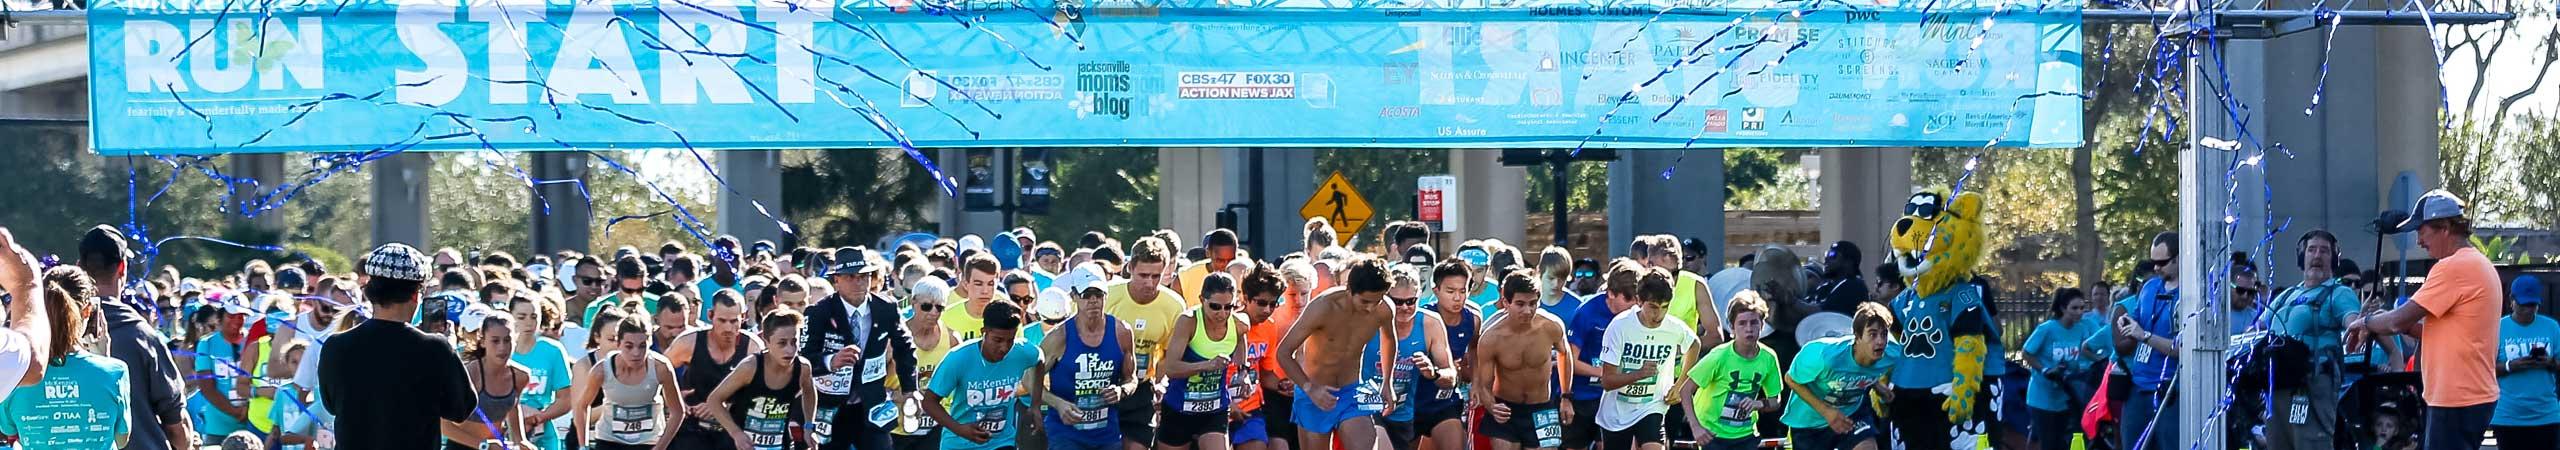 Jacksonville FL Marathons